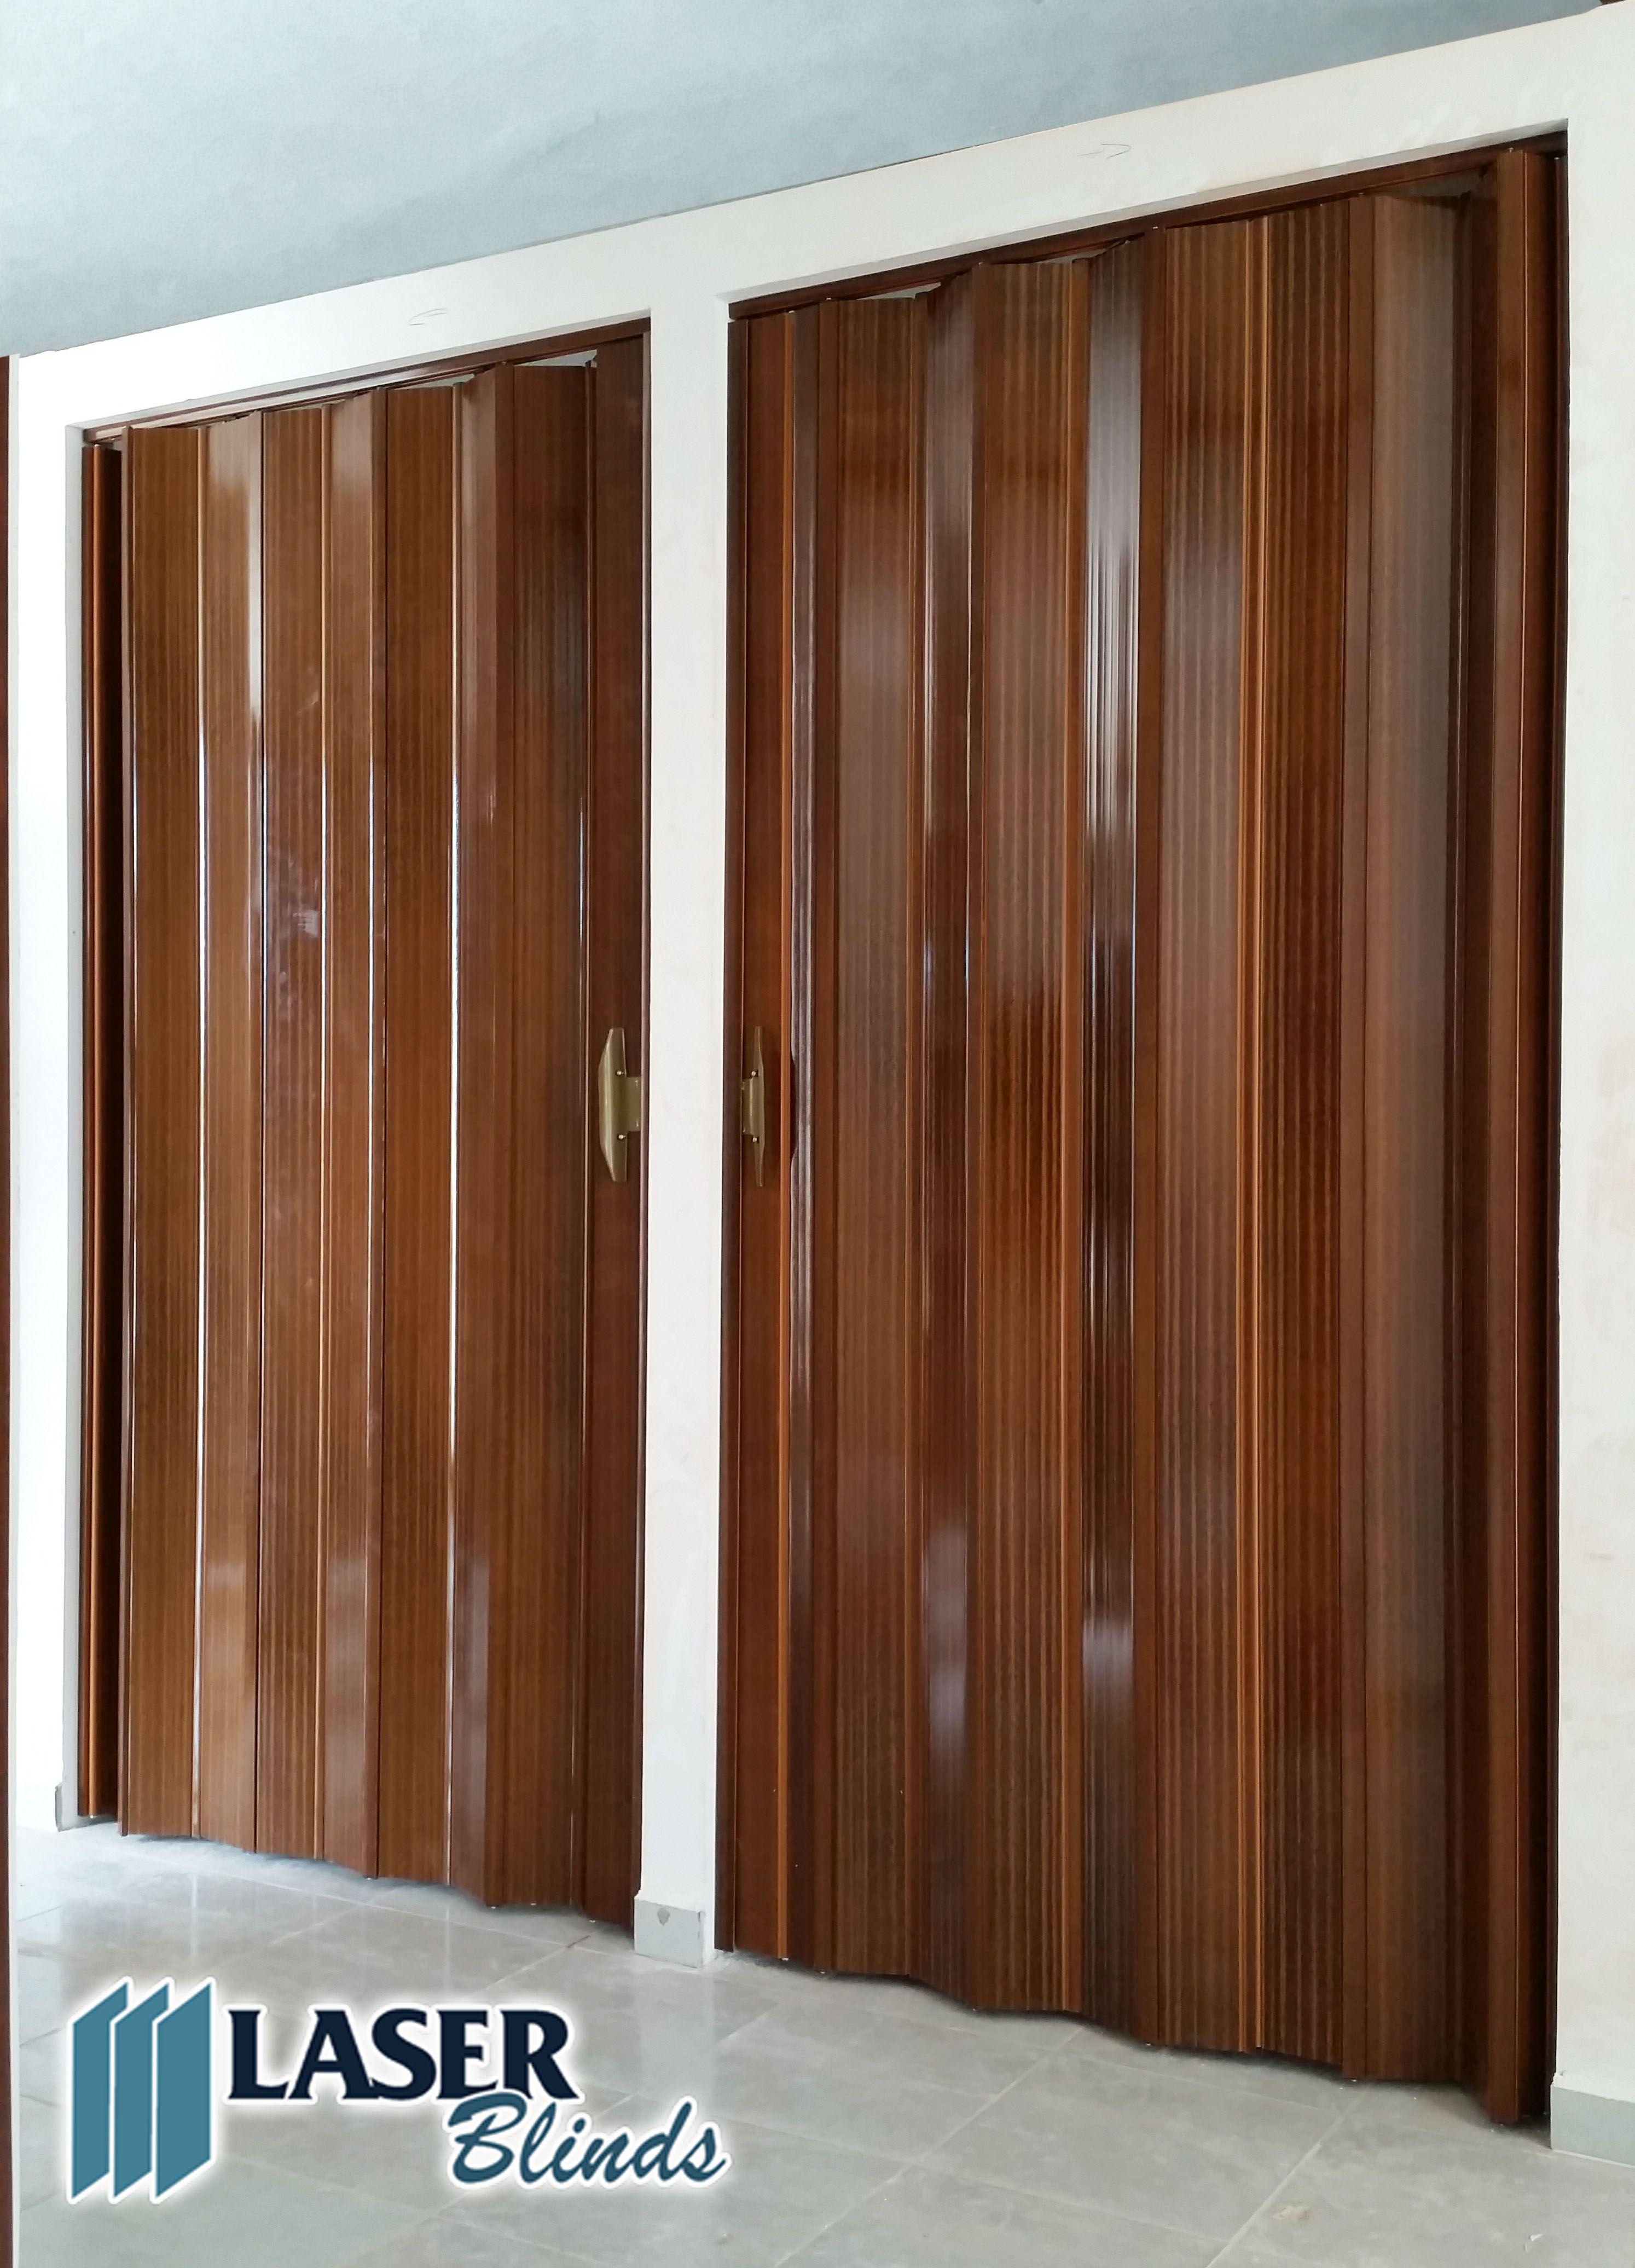 Puertas Plegables De Pvc Color Caoba Www Facebook Com Persianasmx  # Neat Muebles Merida